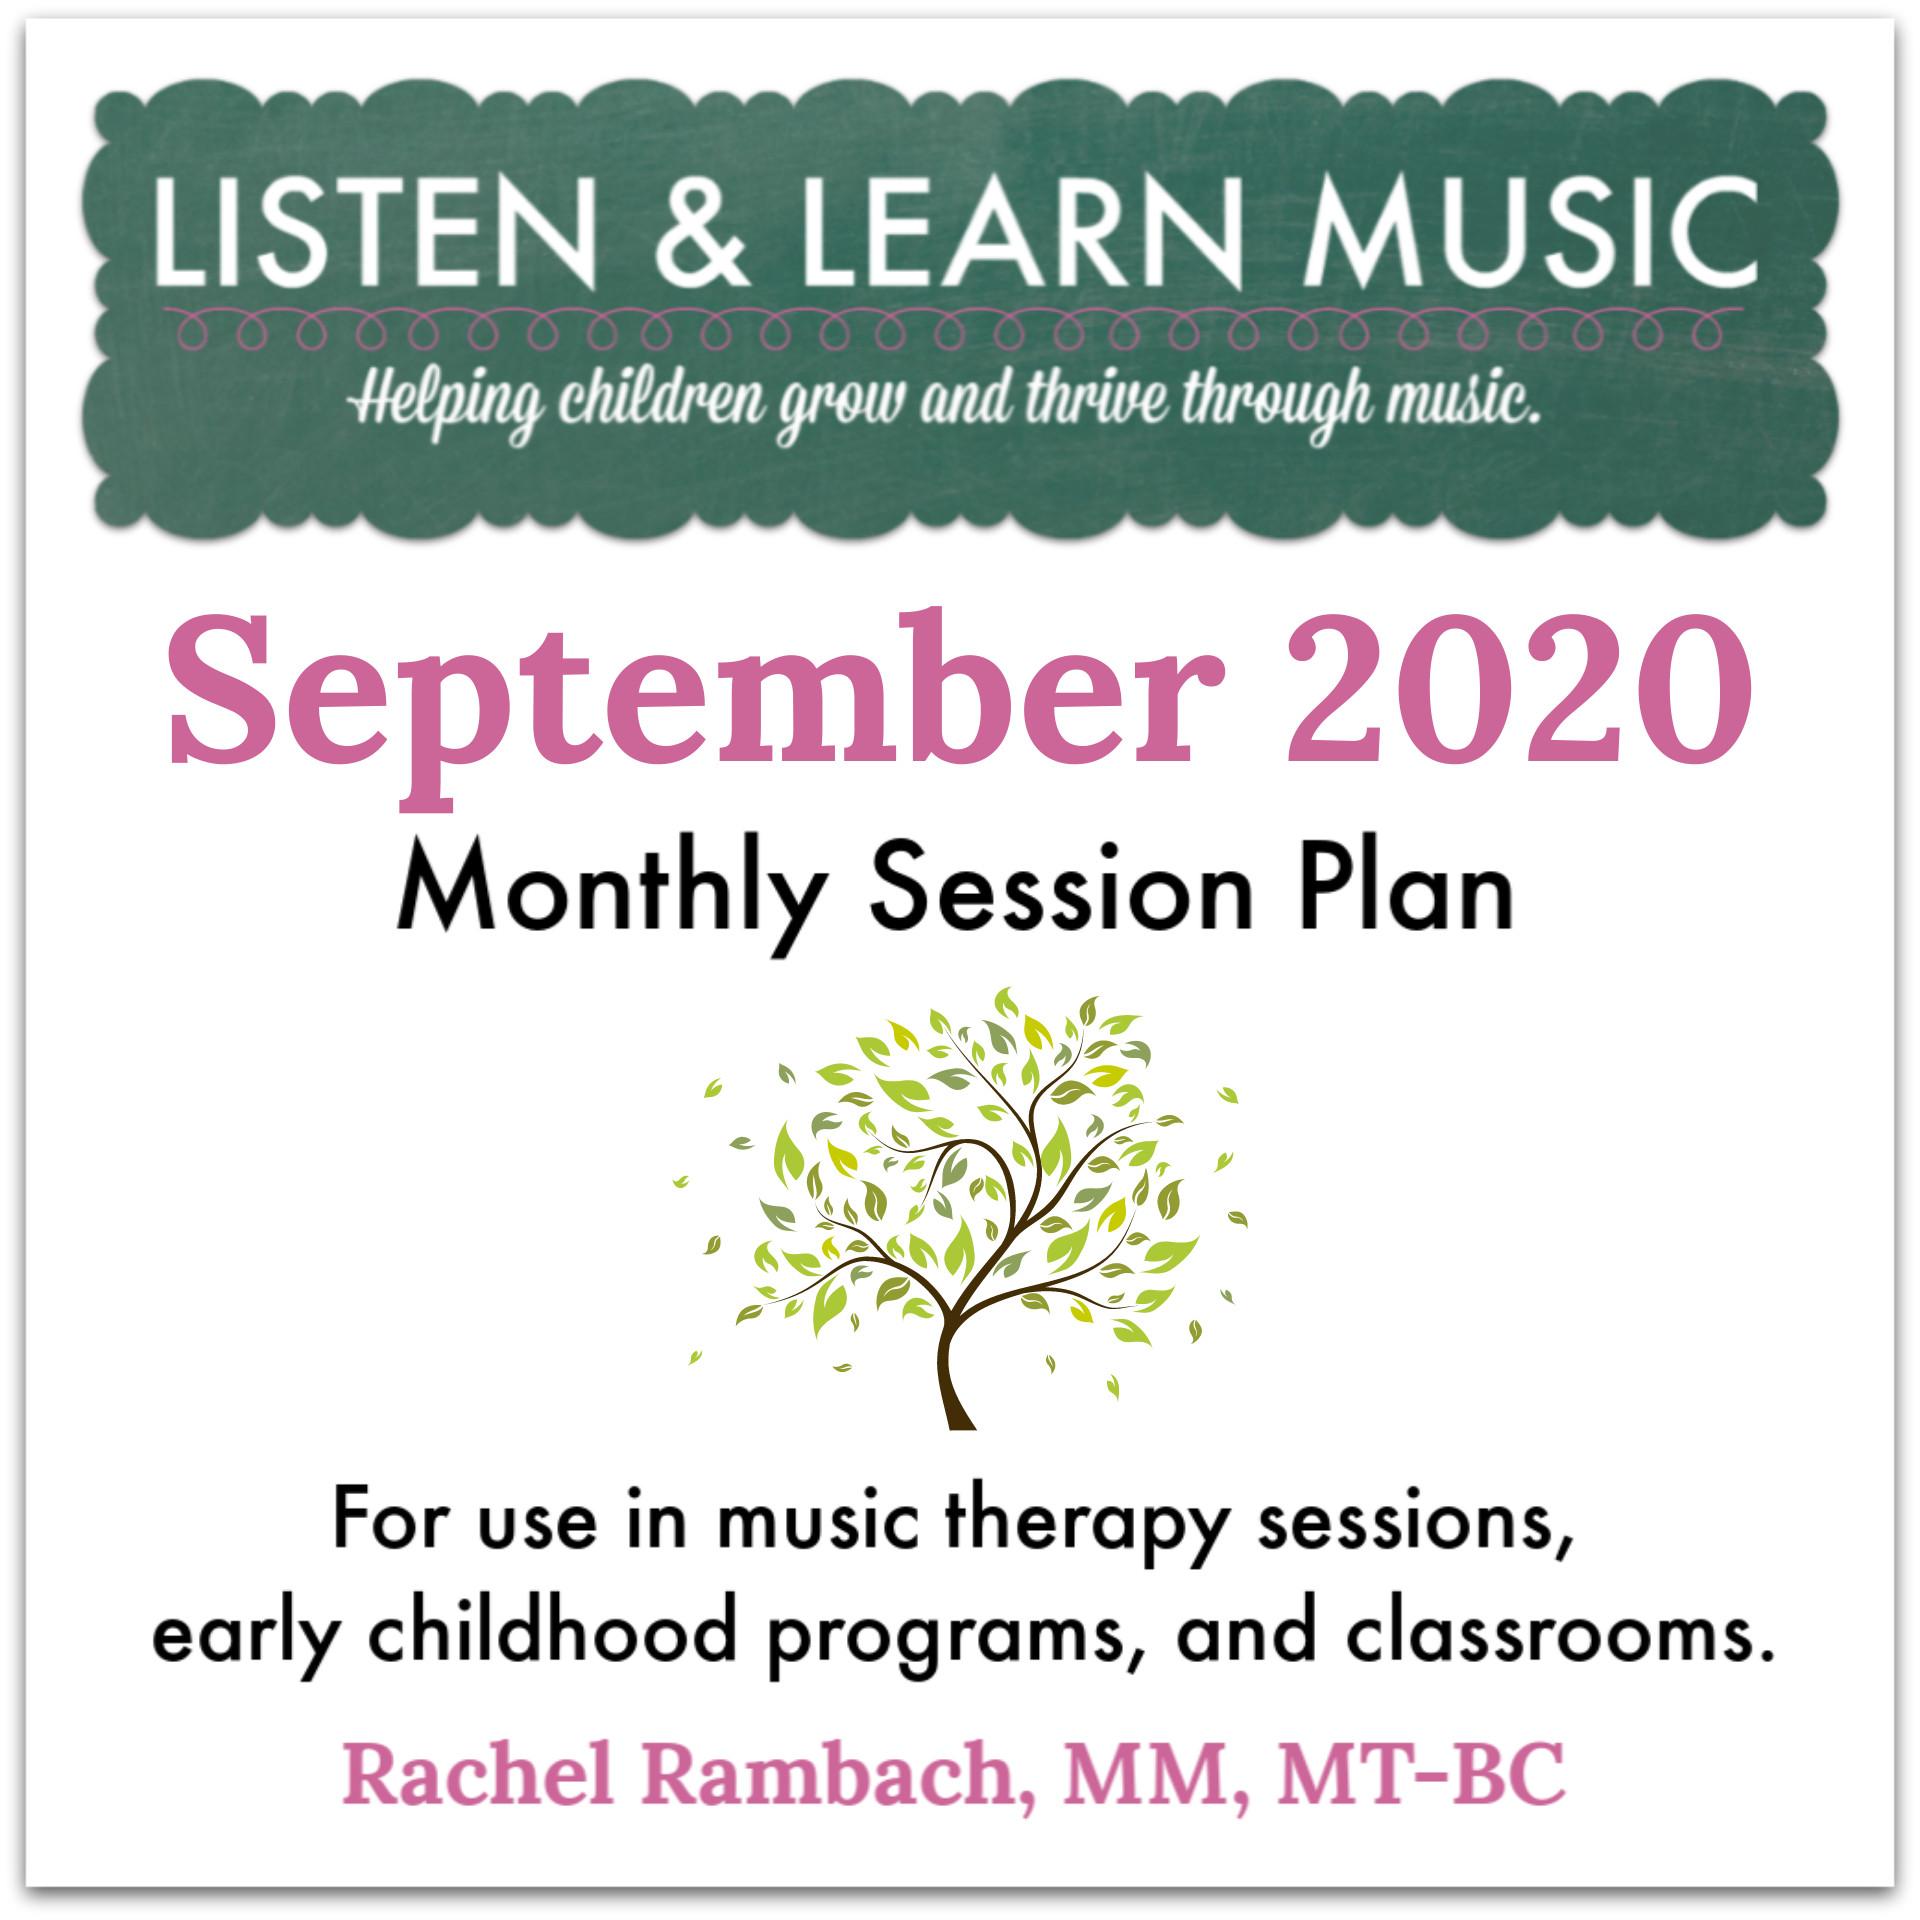 September Session Plan | Listen & Learn Music